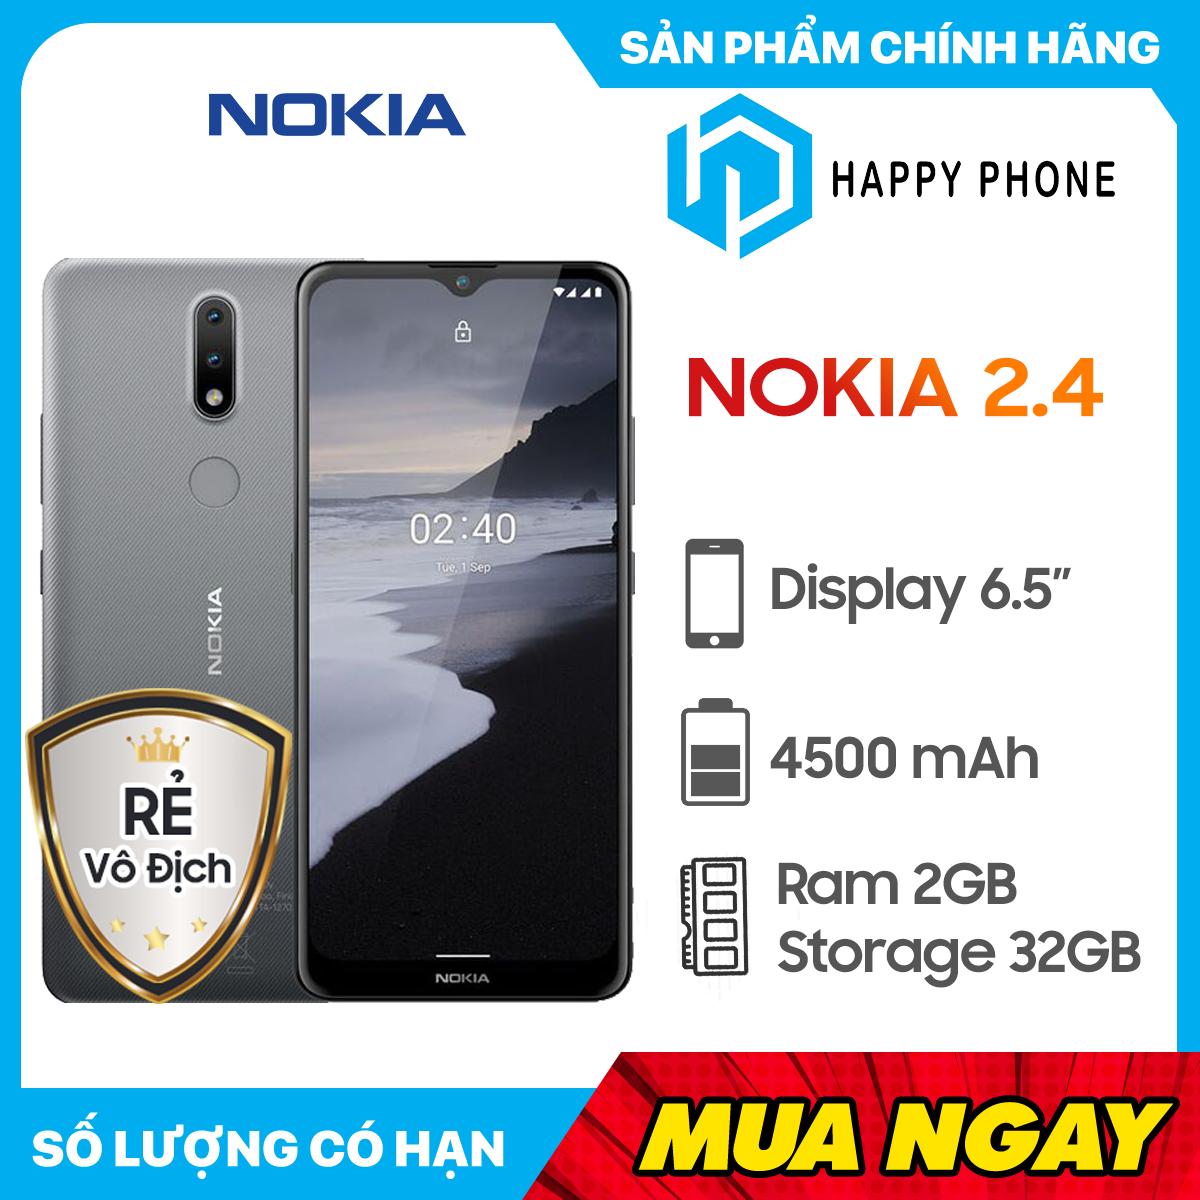 Điện Thoại Nokia 2.4 (16GB/2GB) - Hàng chính hãng, Nguyên...